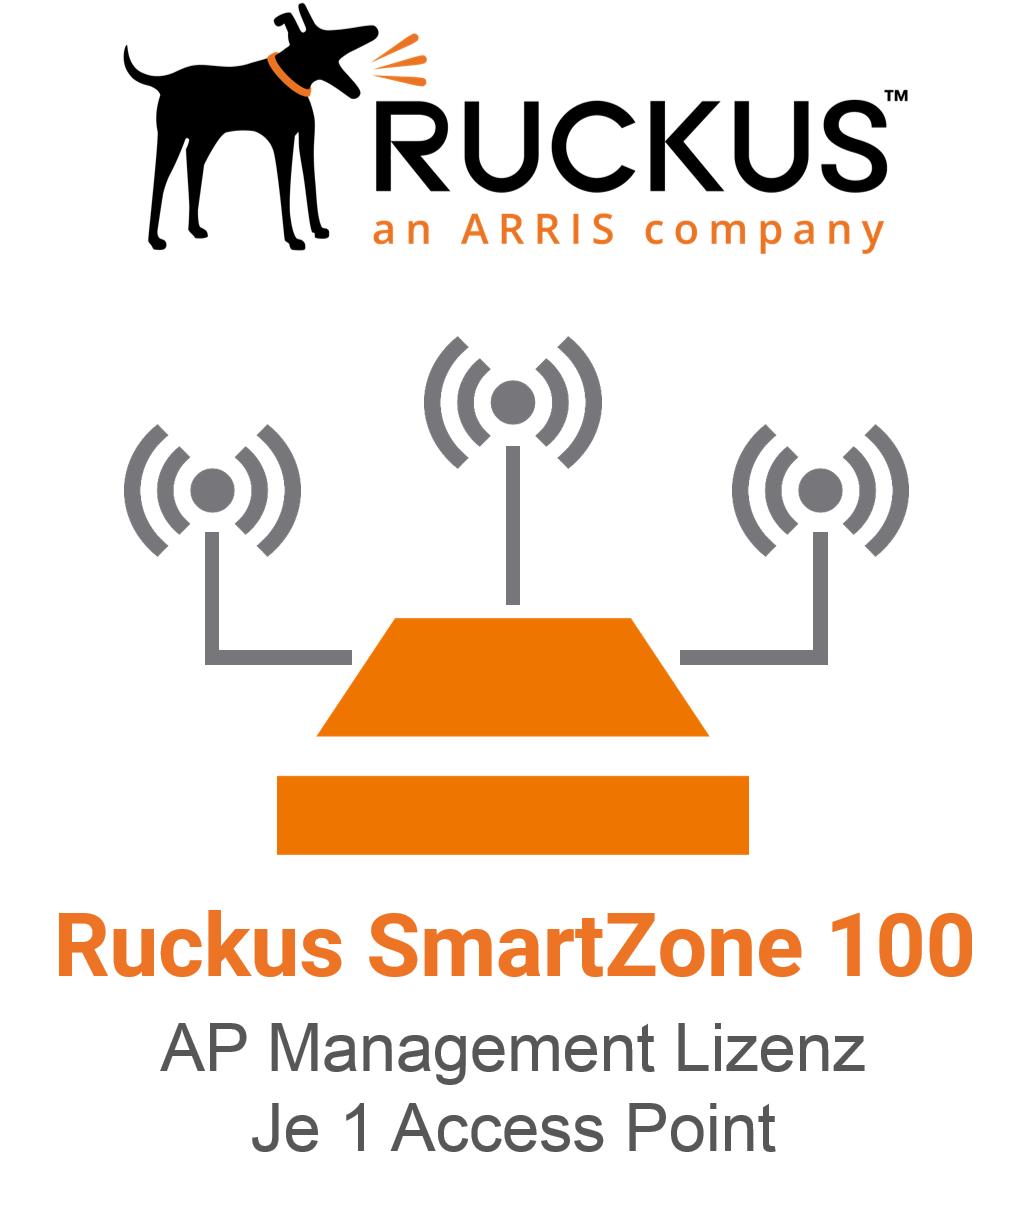 Ruckus Smartzone 100 AP Management Lizenz